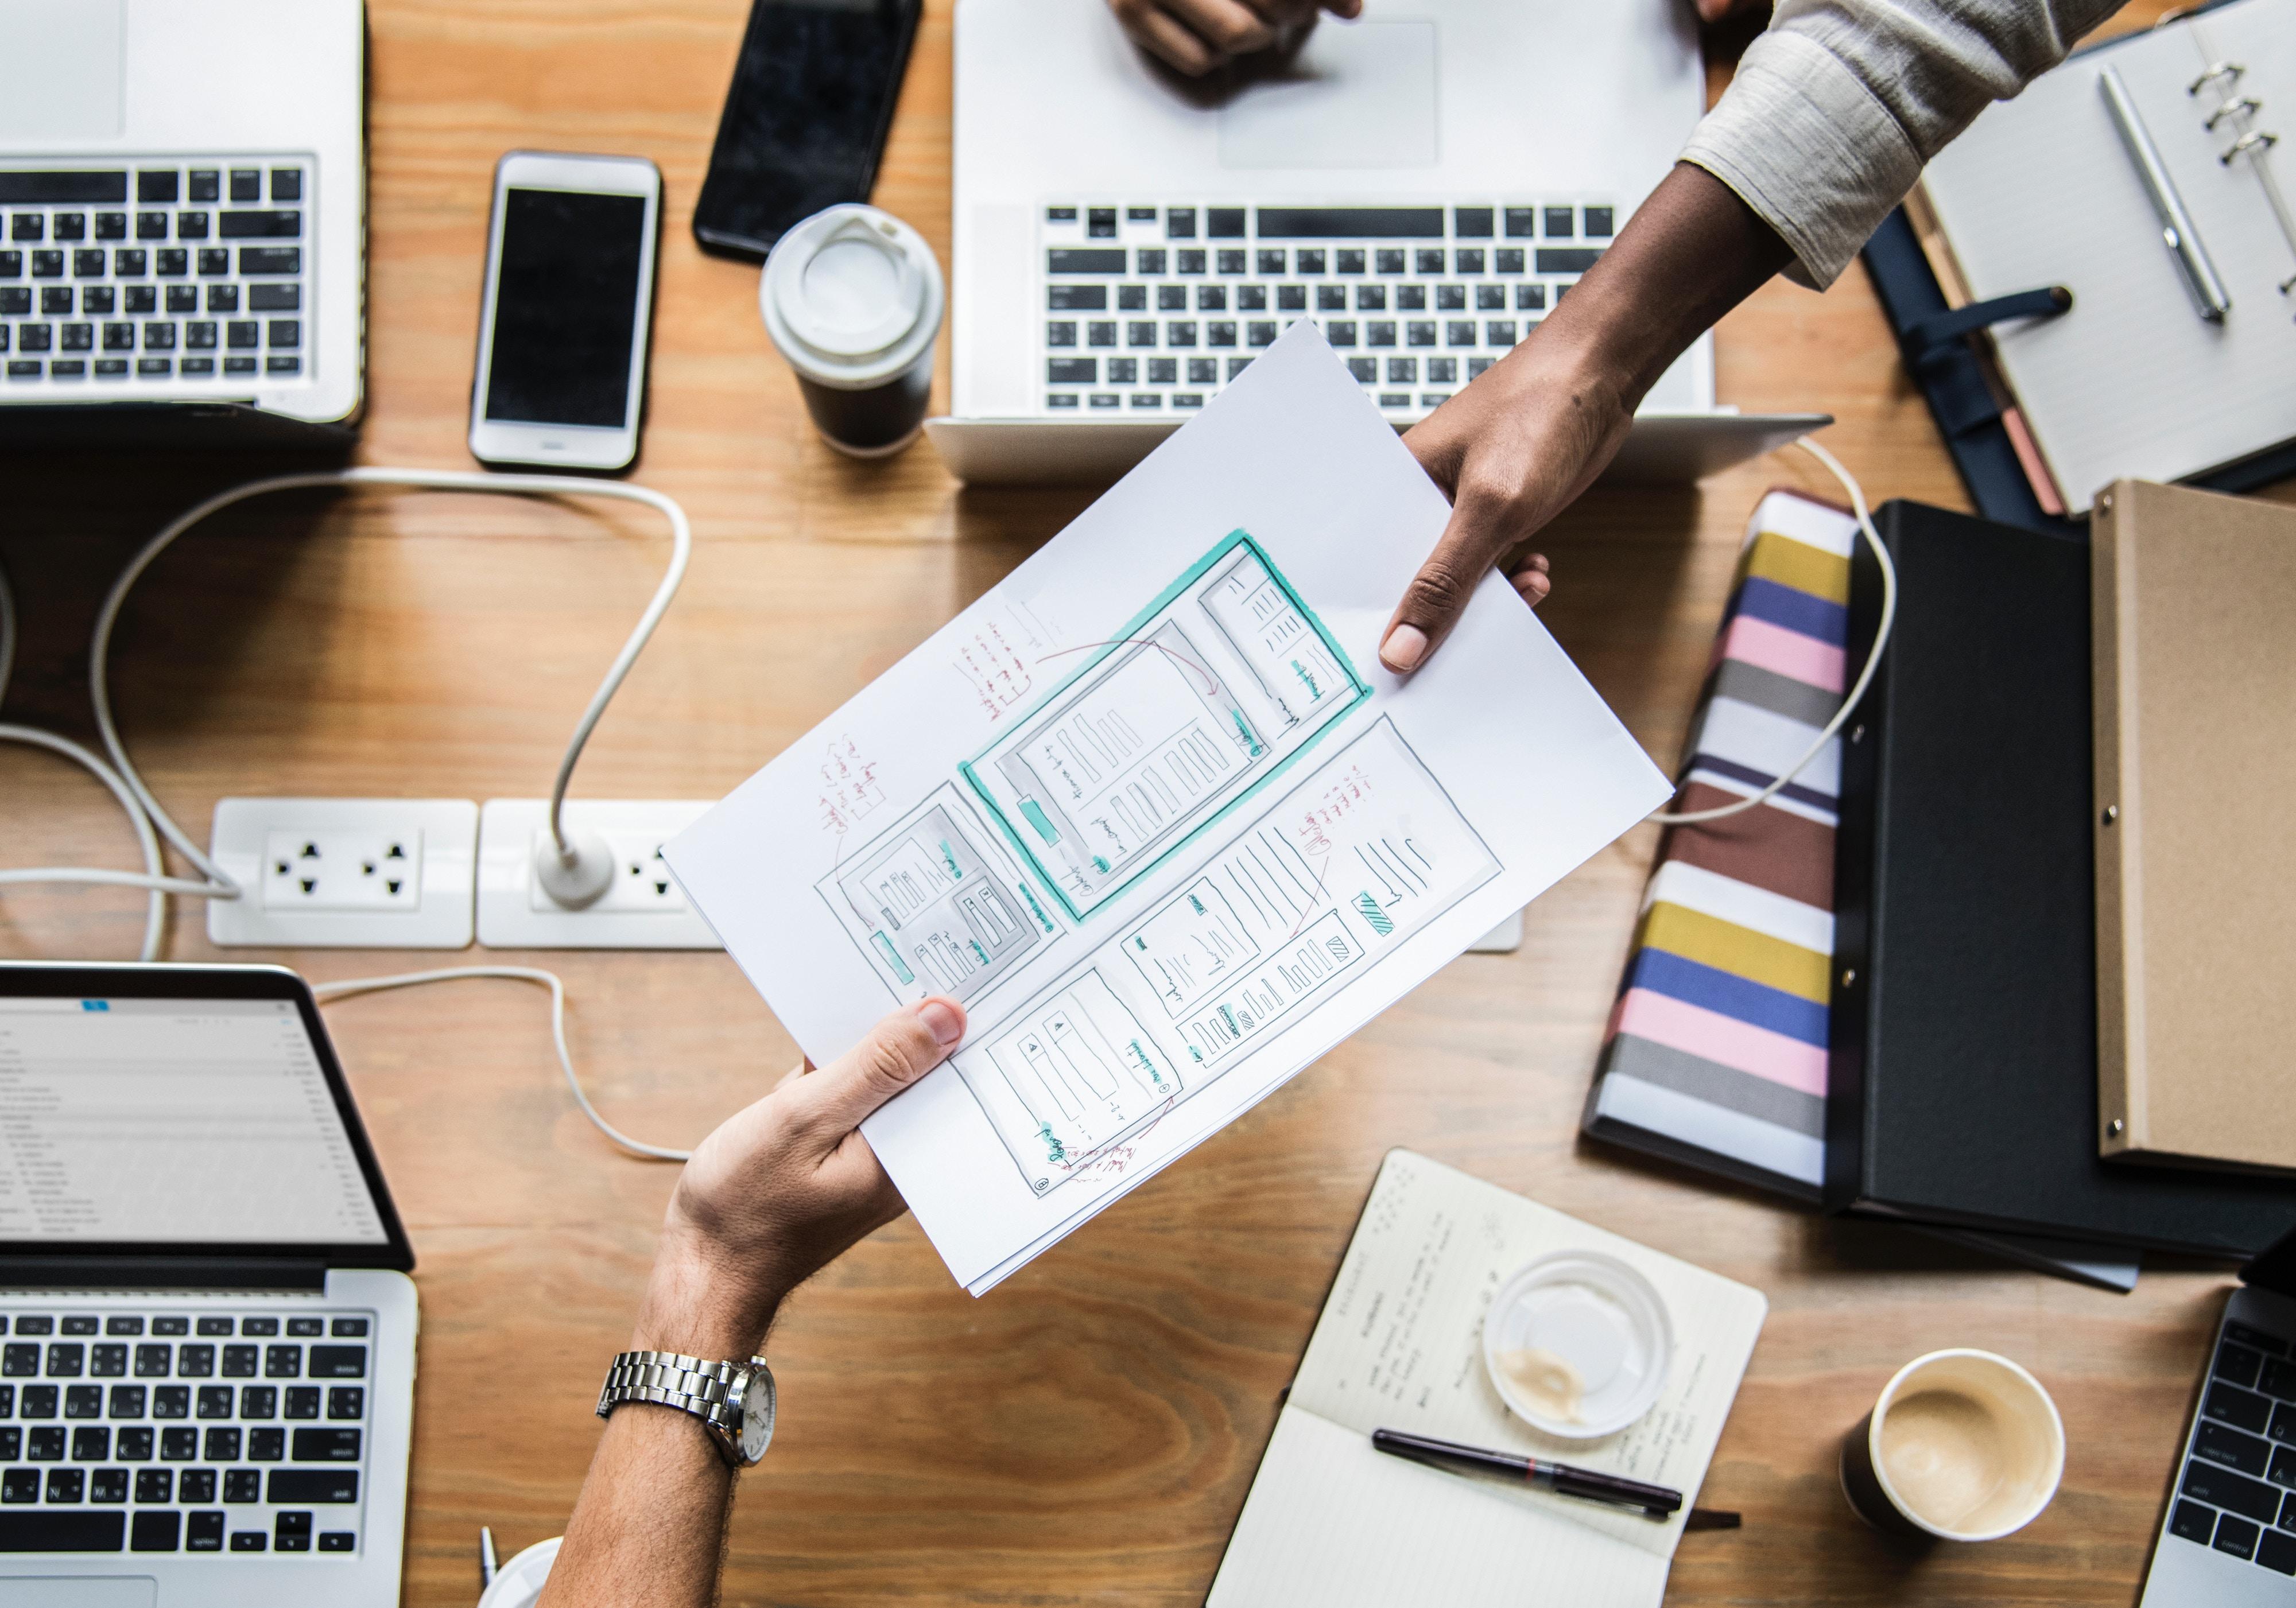 (第1回)SharePointを社内ファイルサーバーとして使用する~Office365試用登録からチームサイト作成まで~